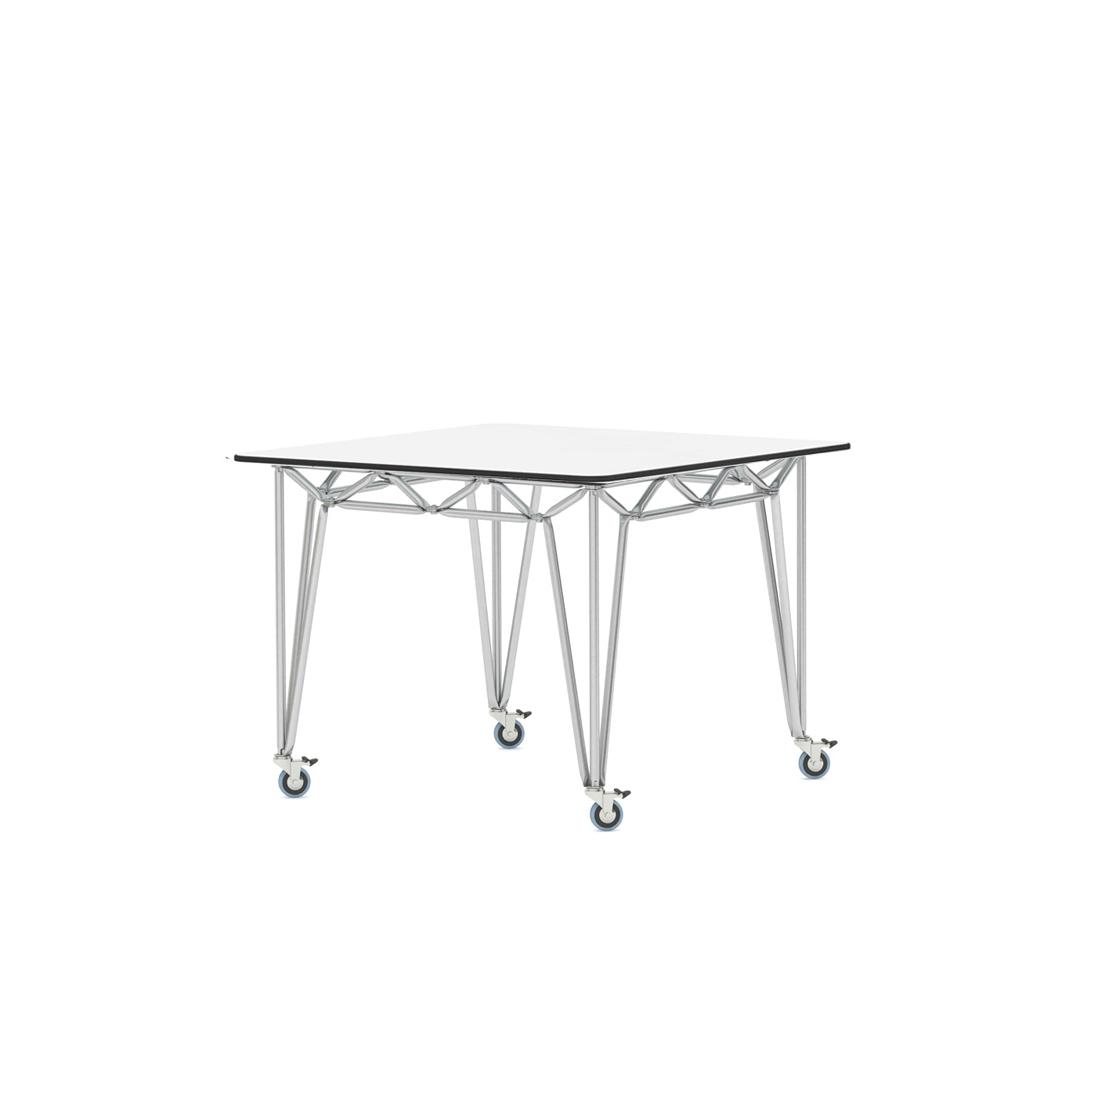 Tisch edelstahlgestell bridge s 97x97 wei glas for Design thinking tisch